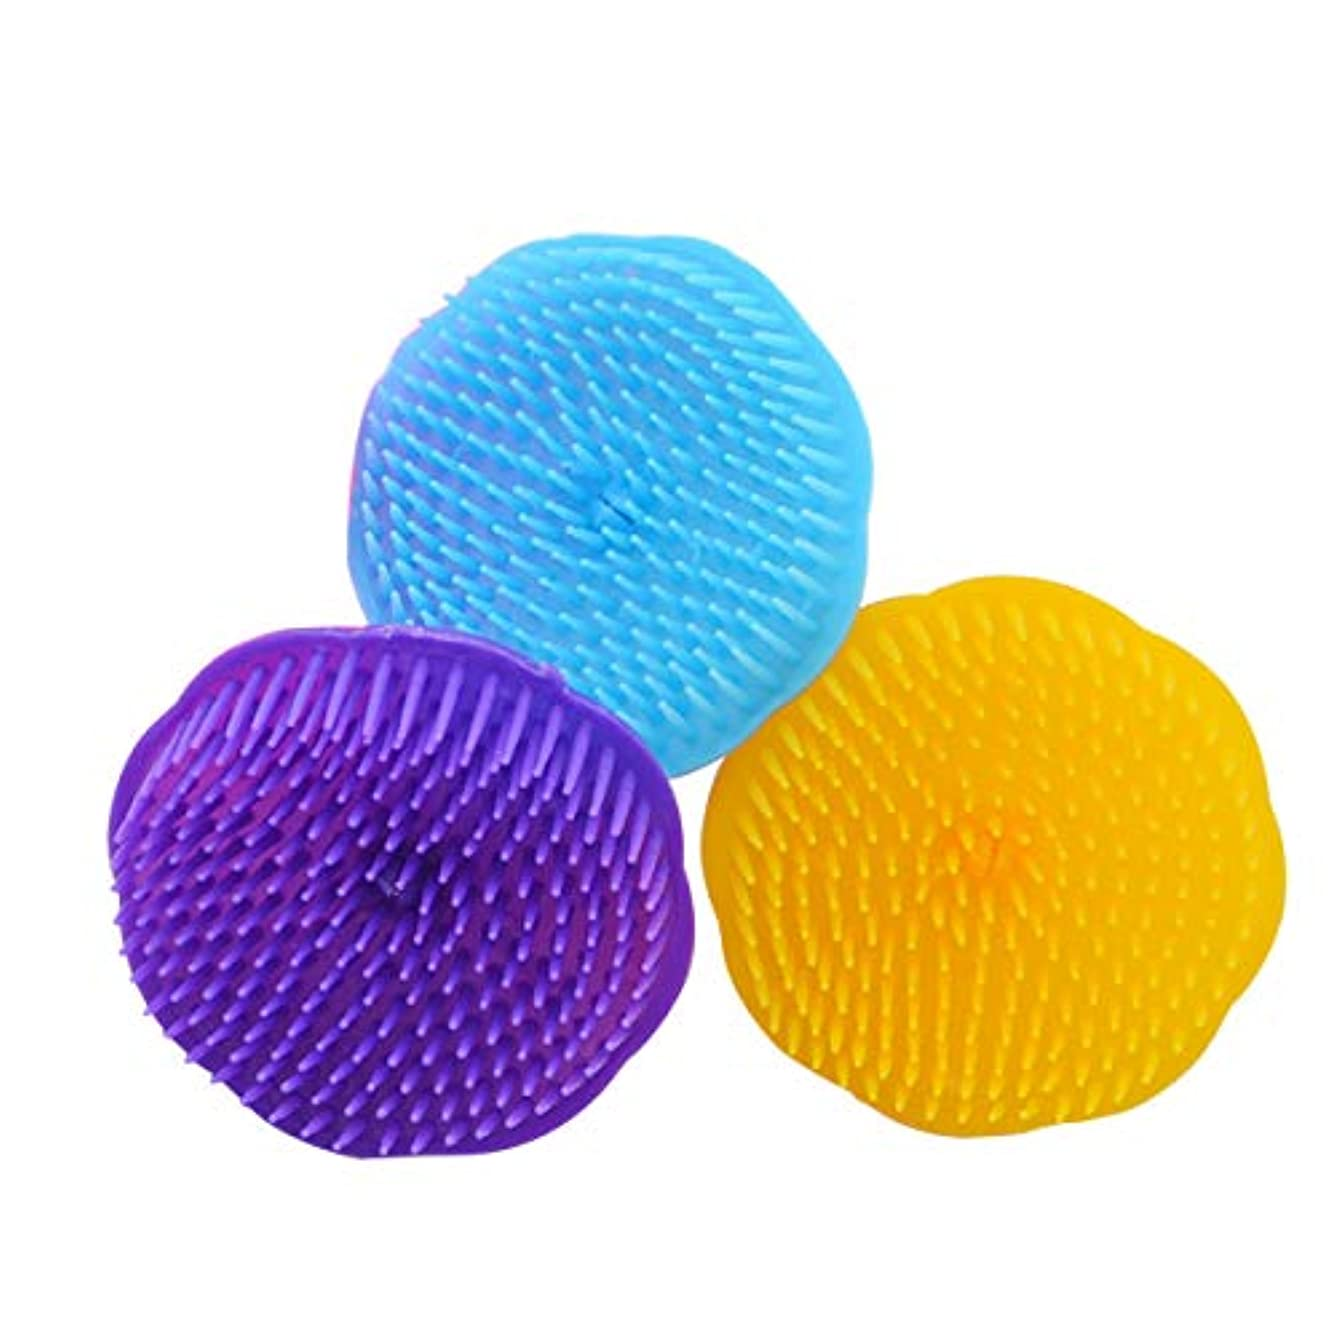 キリンクライマックスルームSUPVOX ヘアマッサージブラシ シャワーシャンプー頭皮ブラシヘッドボディマッサージスパスリミングブラシ3PCS(ランダムカラー)